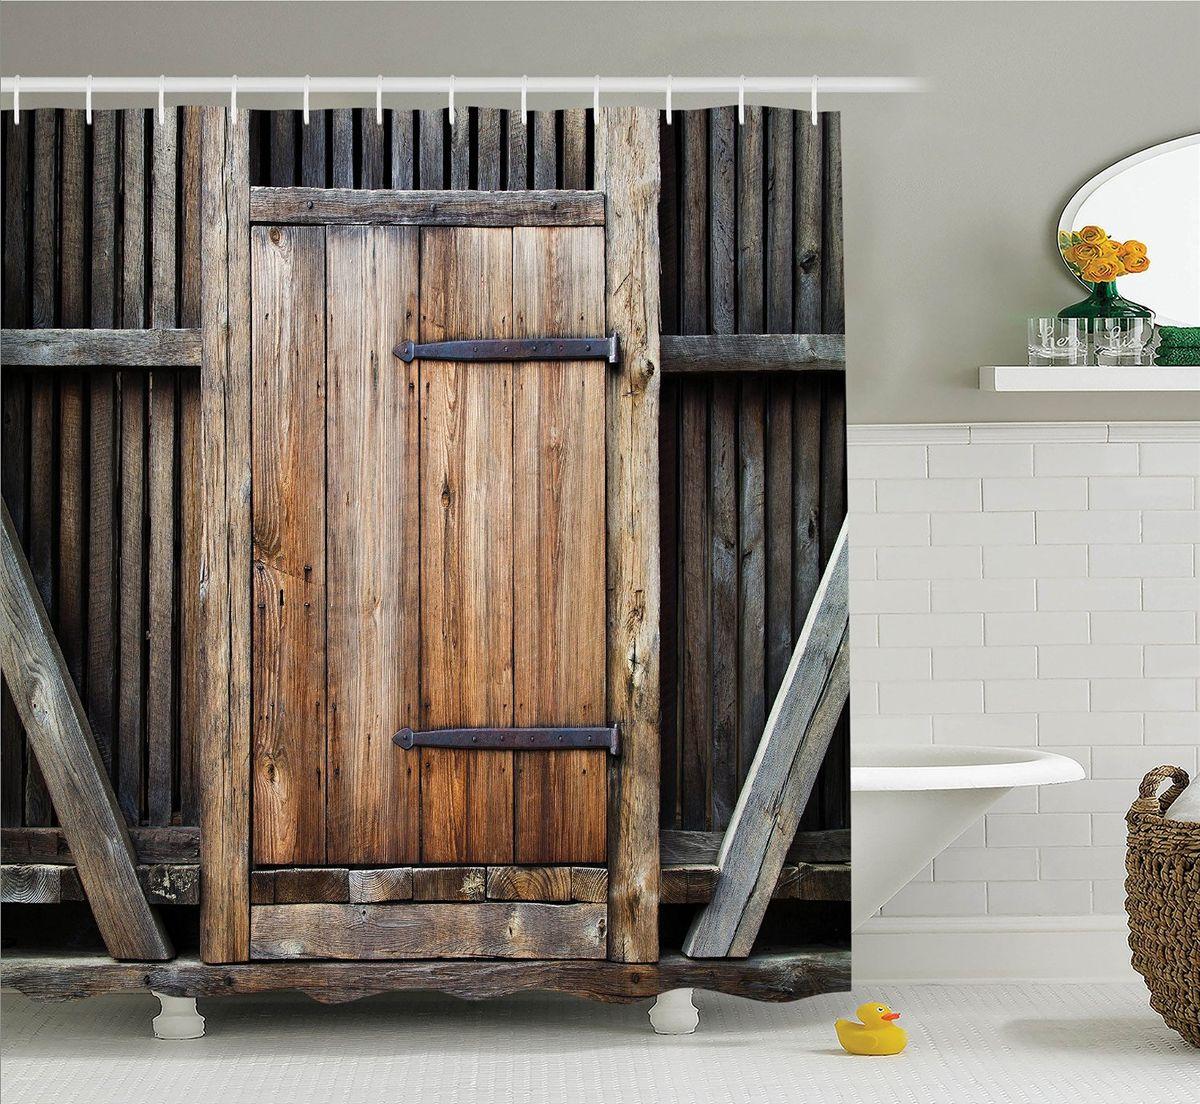 Штора для ванной комнаты Magic Lady Деревянная дверь, 180 х 200 смшв_10999Штора Magic Lady Деревянная дверь, изготовленная из высококачественного сатена (полиэстер 100%), отлично дополнит любой интерьер ванной комнаты. При изготовлении используются специальные гипоаллергенные чернила для прямой печати по ткани, безопасные для человека. В комплекте: 1 штора, 12 крючков. Обращаем ваше внимание, фактический цвет изделия может незначительно отличаться от представленного на фото.